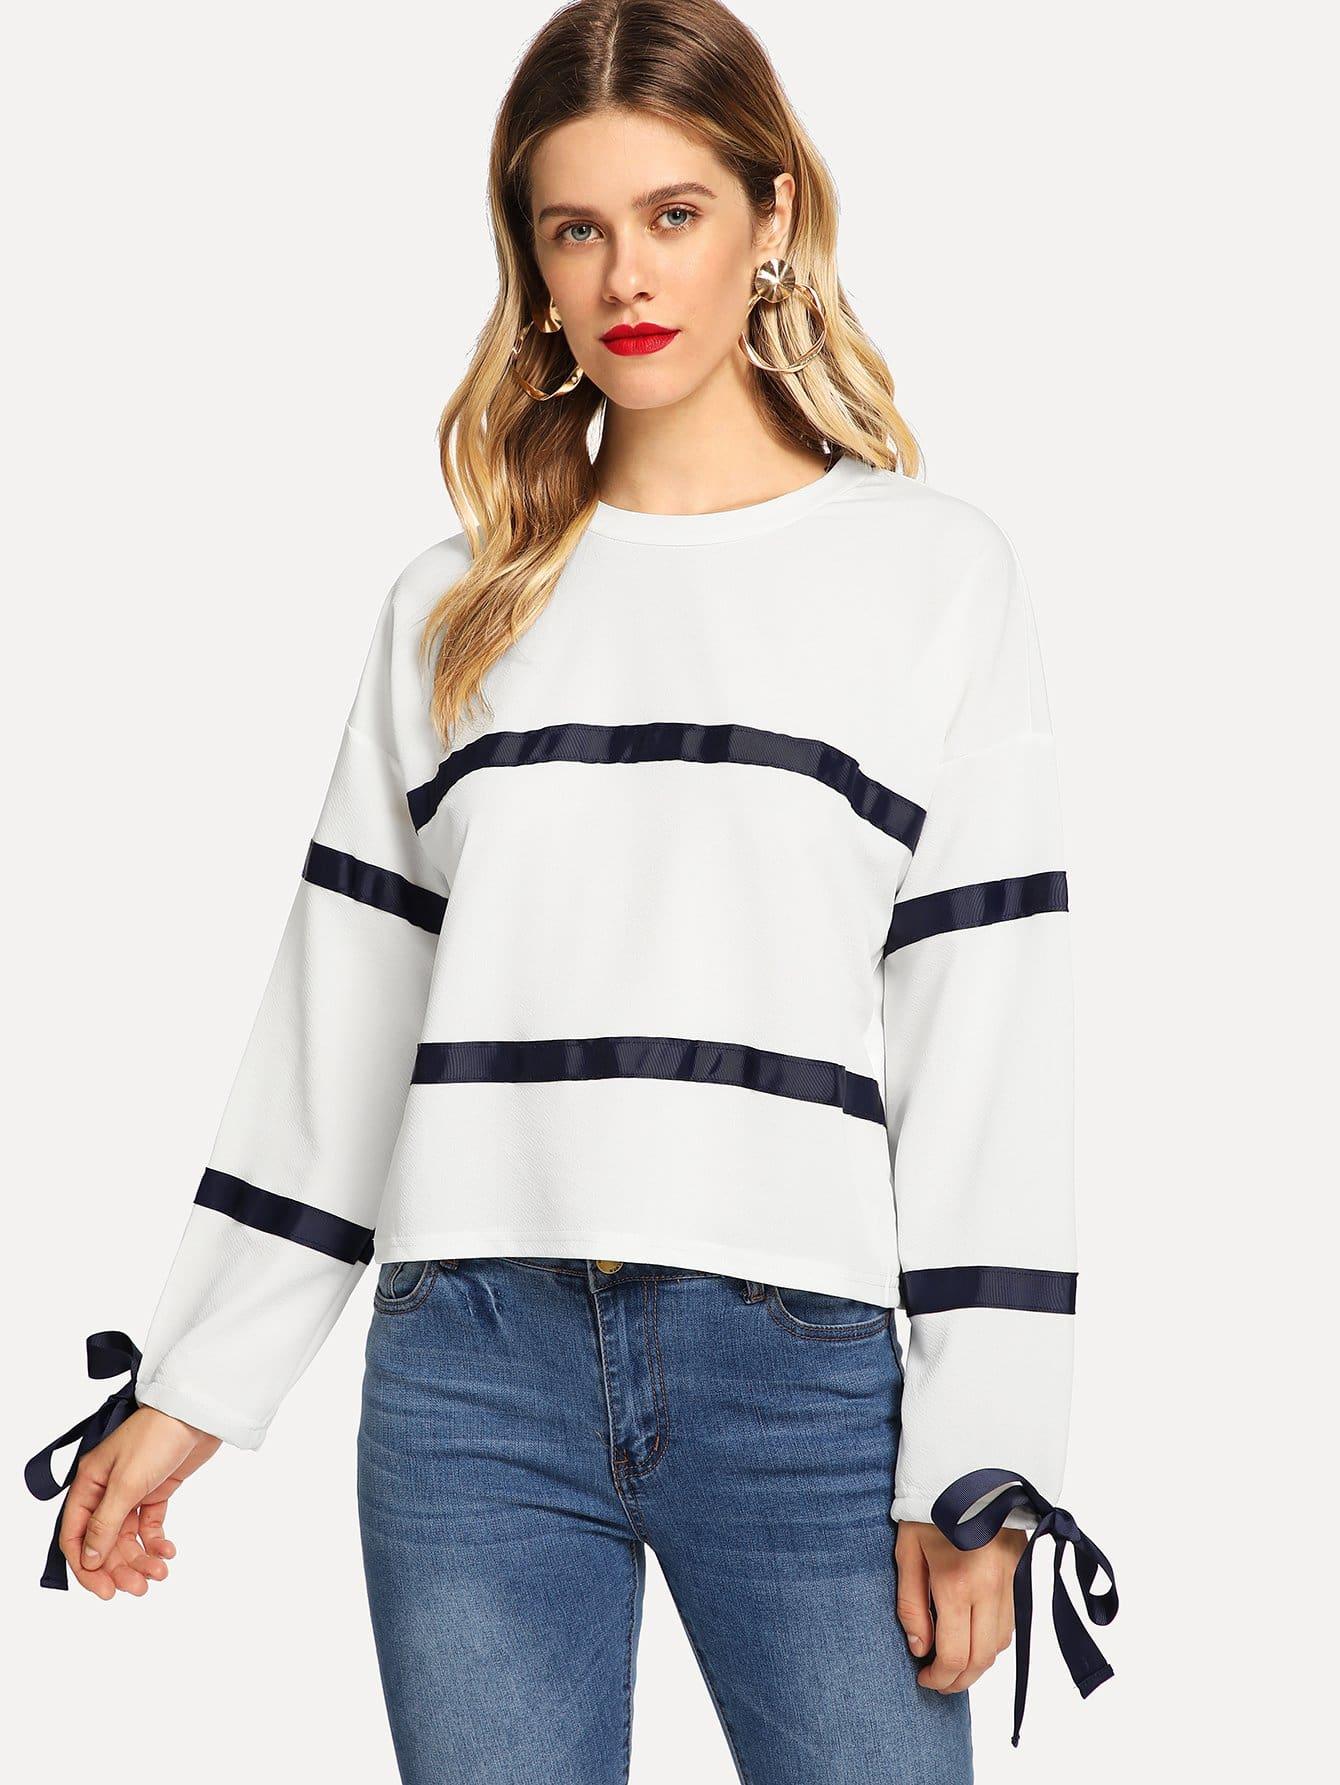 Купить Туника пуловер в полоску со узлом, Victoriab, SheIn